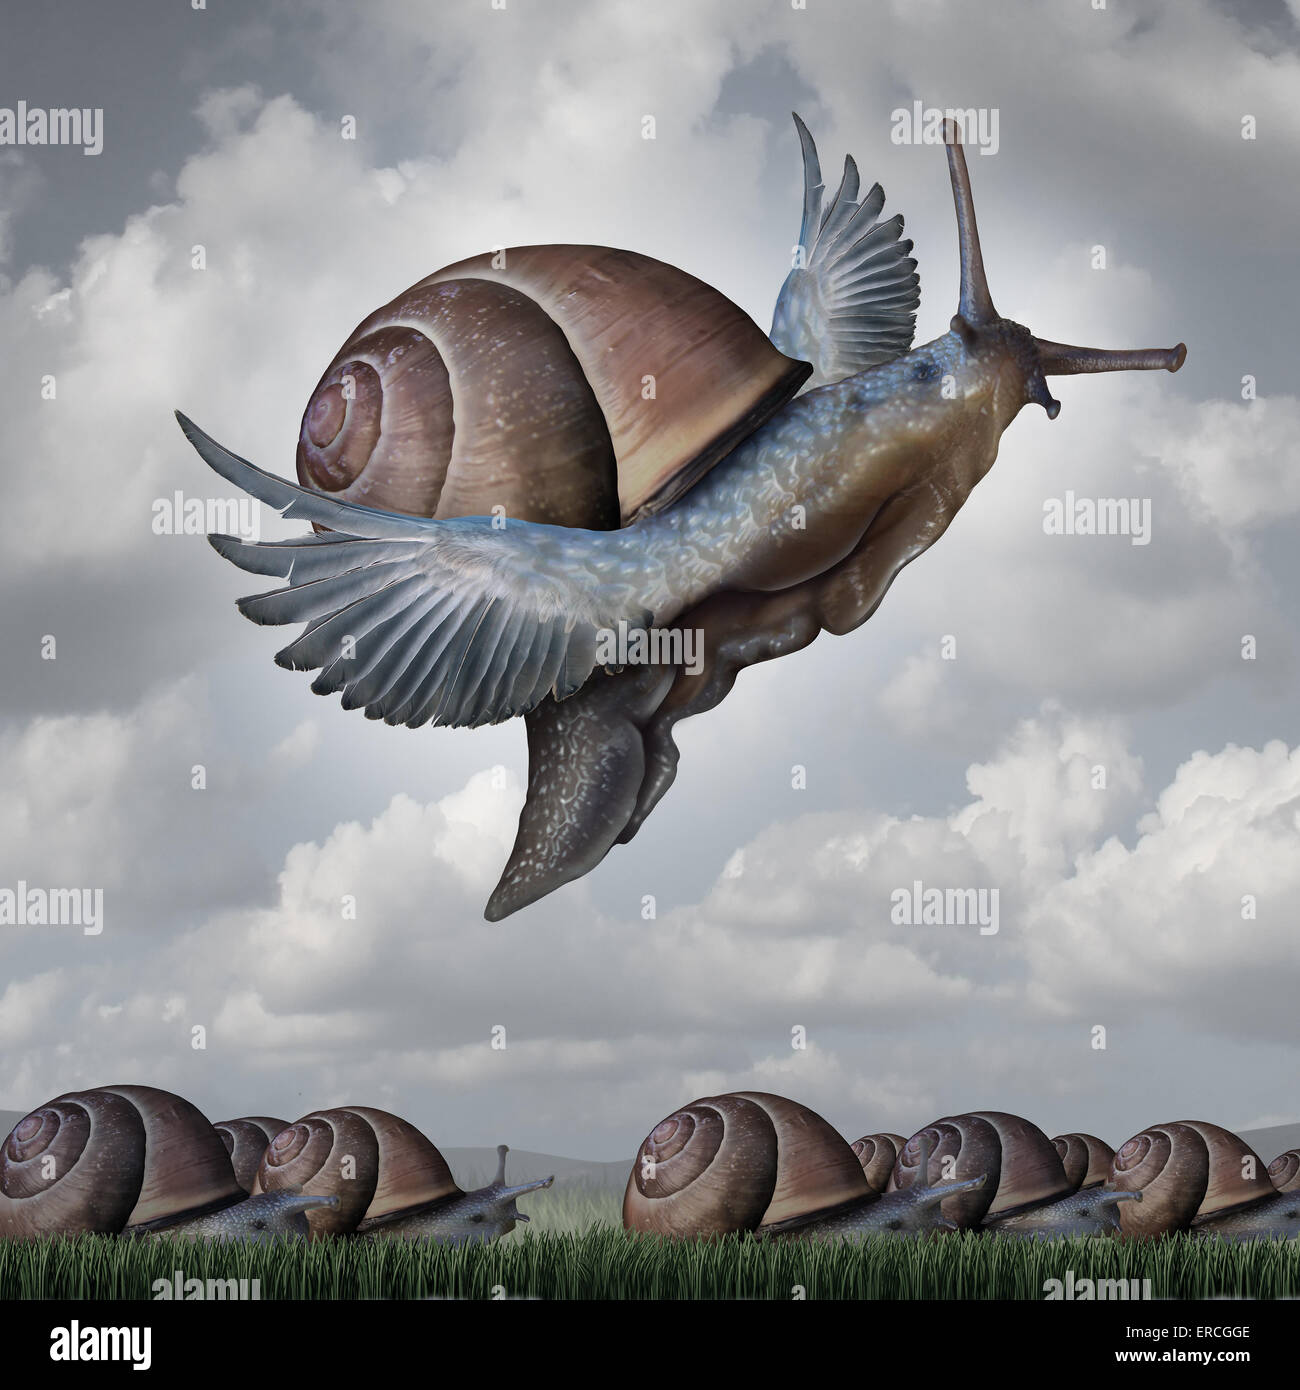 Vorteil-Konzept als Metapher Geschäft mit einer surrealen Masse der Schnecken kriechen langsam auf den Boden Stockbild